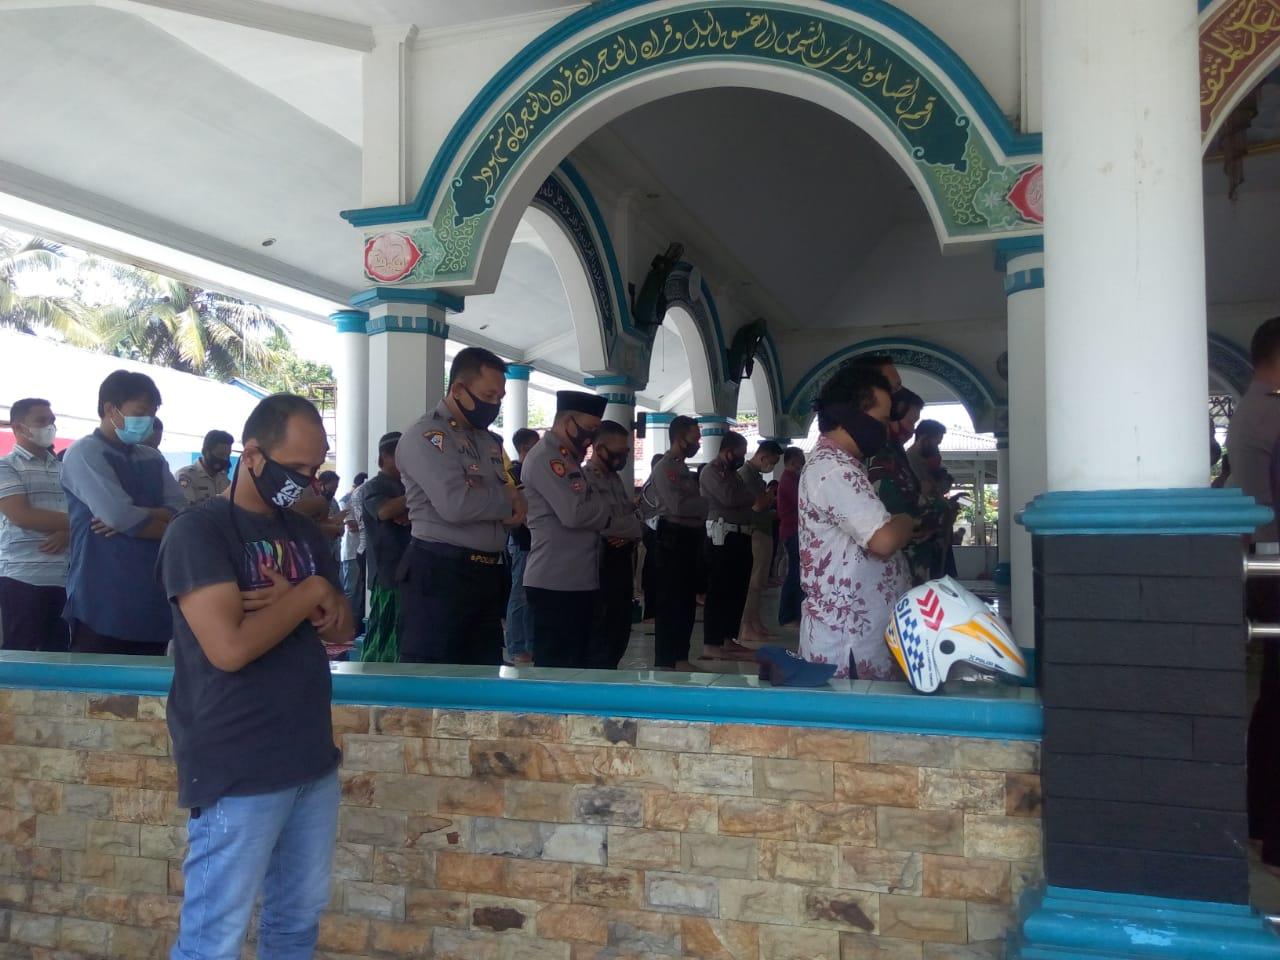 Sholat Jumat di Masjid Jabal Rahmah, Polres Lamteng Terapkan Protokol Kesehatan